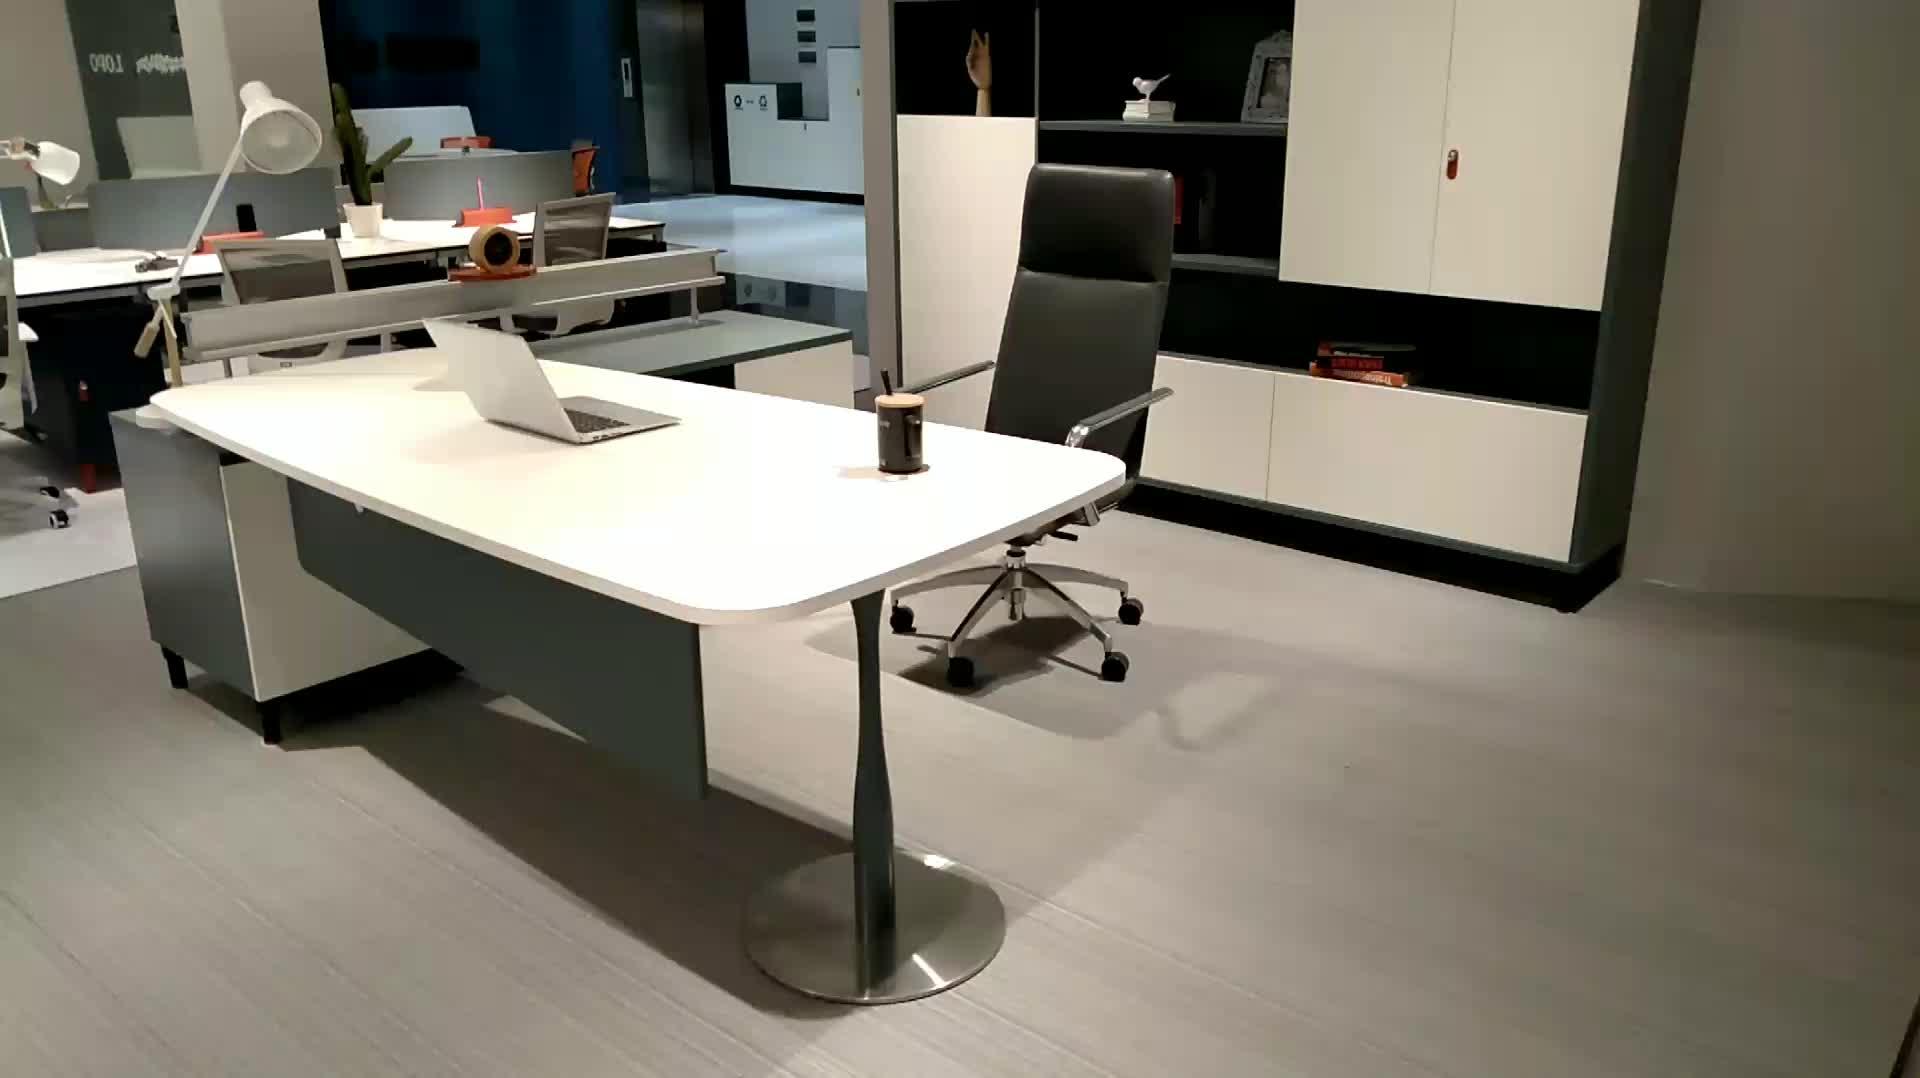 กวางโจว foshan modern executive office โต๊ะโมเดิร์น presidential office furniture โต๊ะจากประเทศจีน lecong ตลาด ZZ01